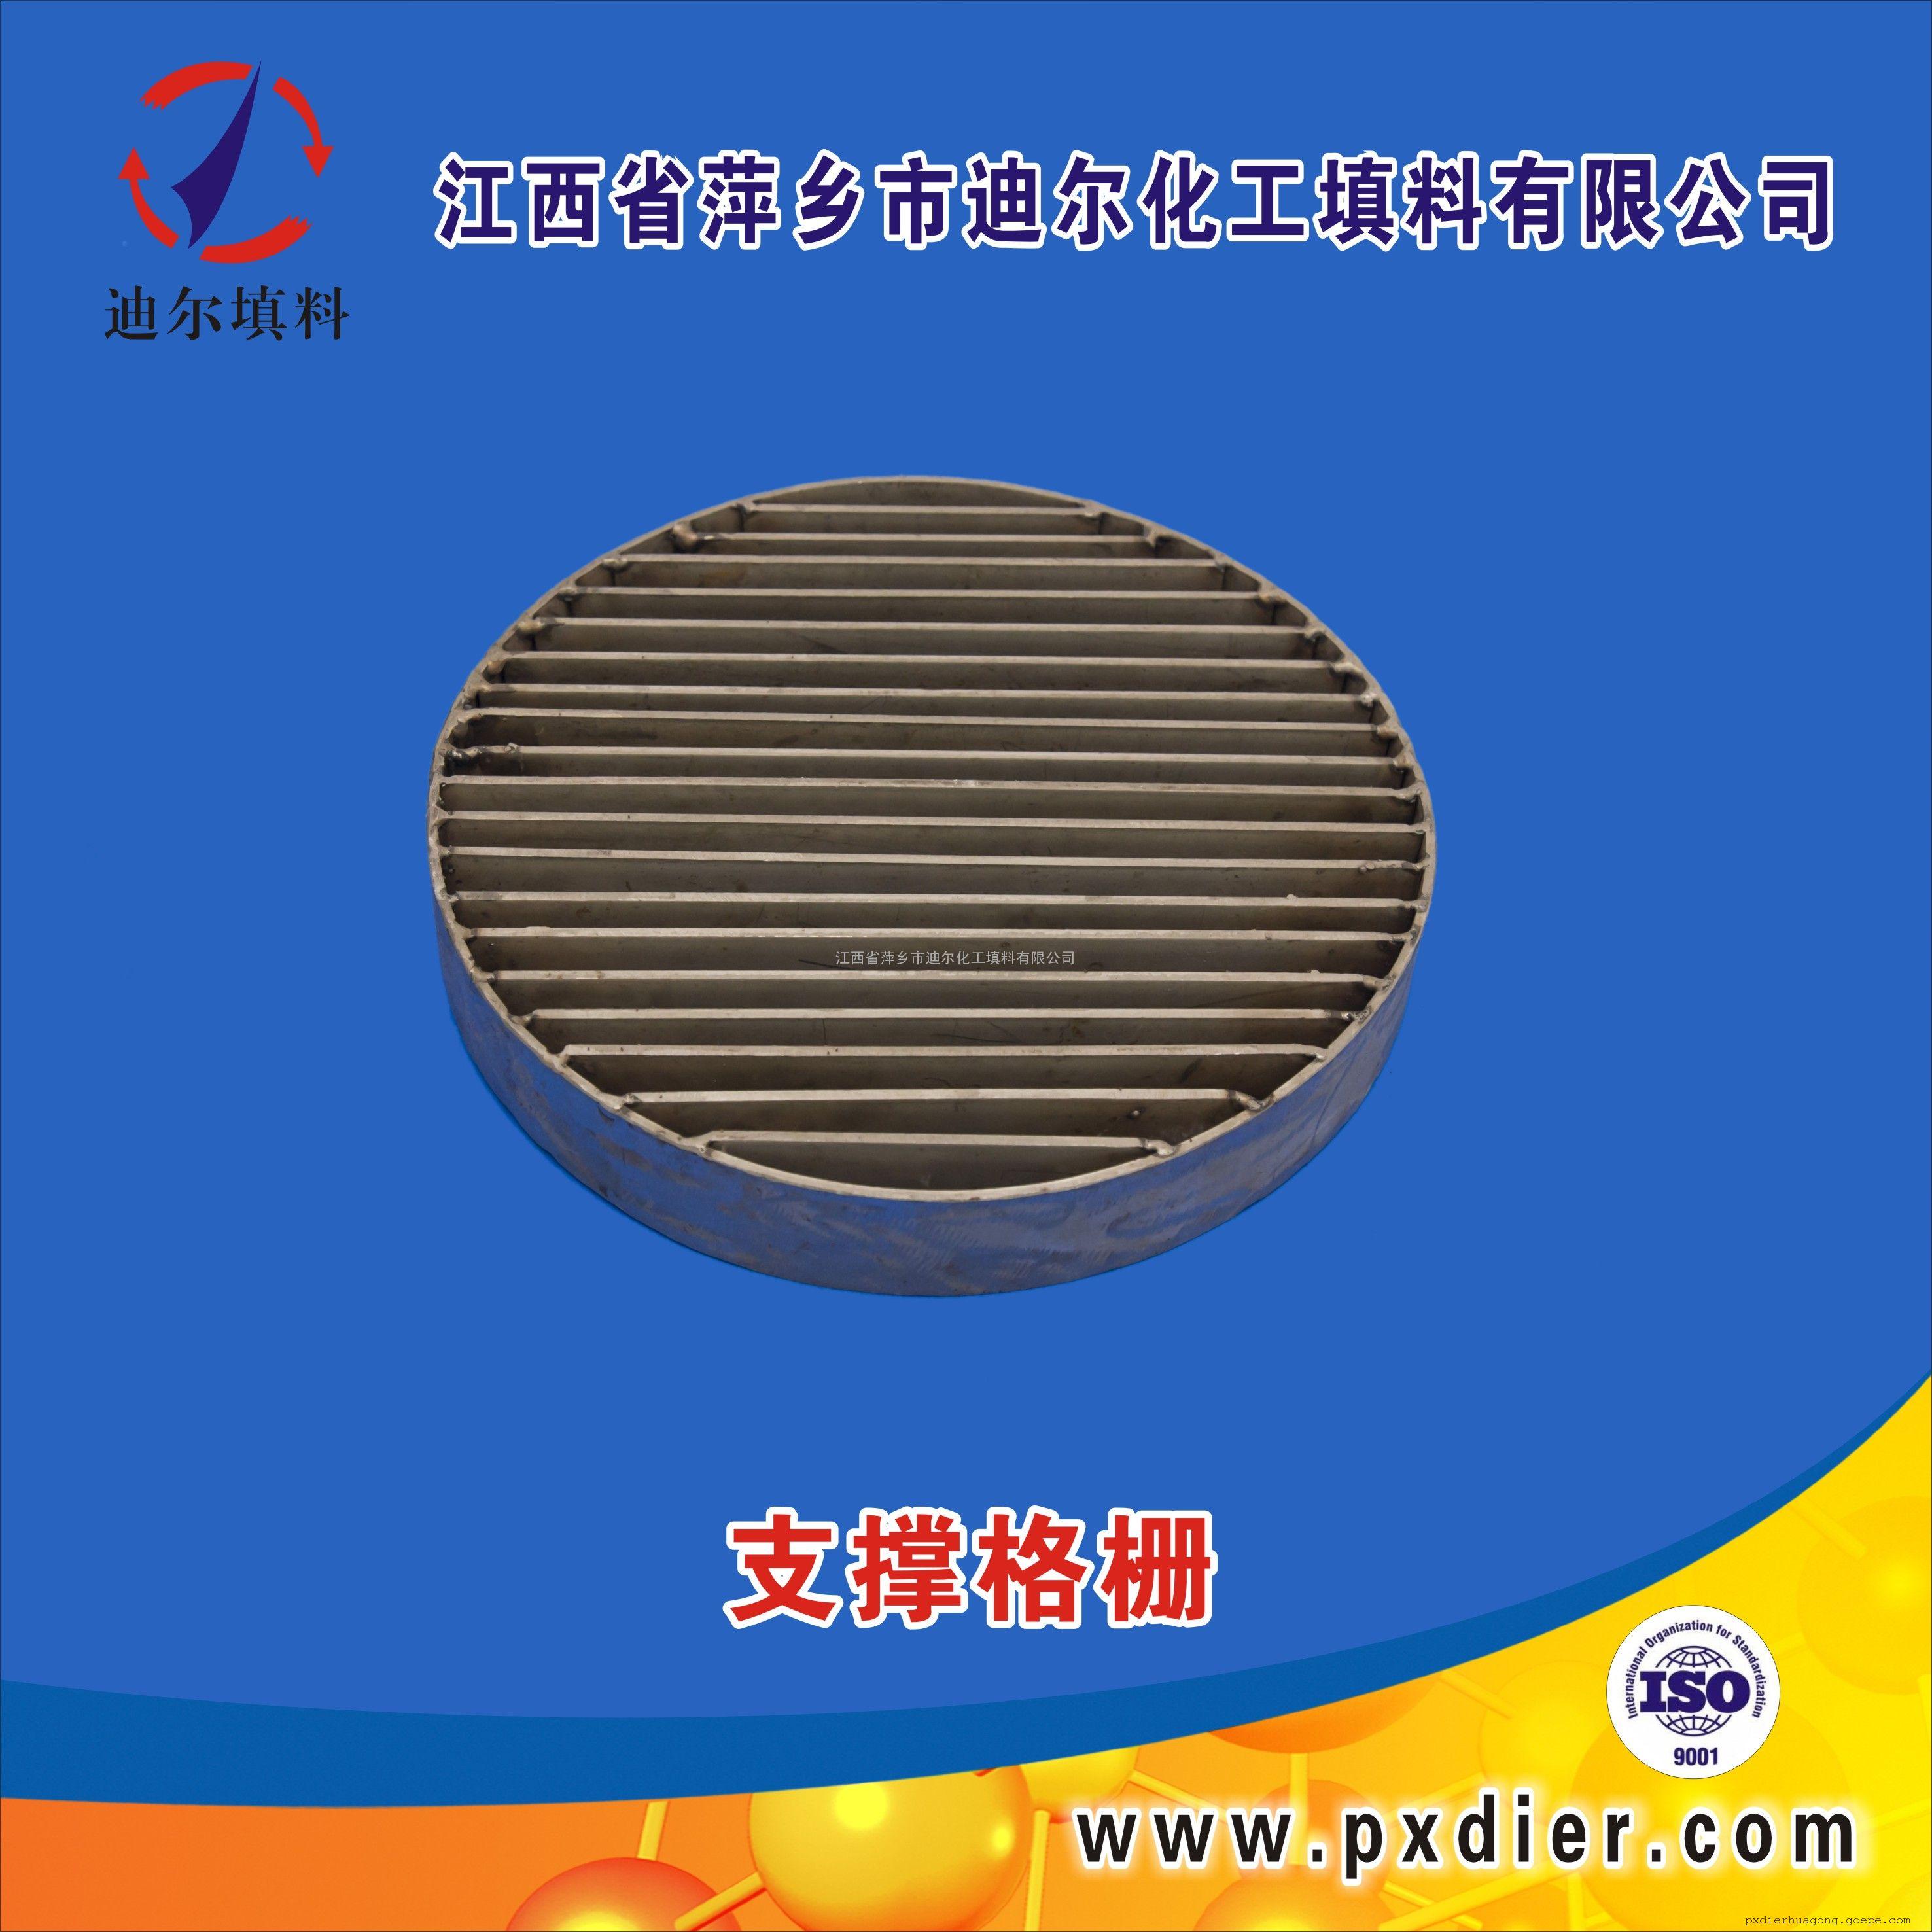 塑料格栅支承板 填料格栅支承板 PP格栅支承板 聚丙烯格栅支承板